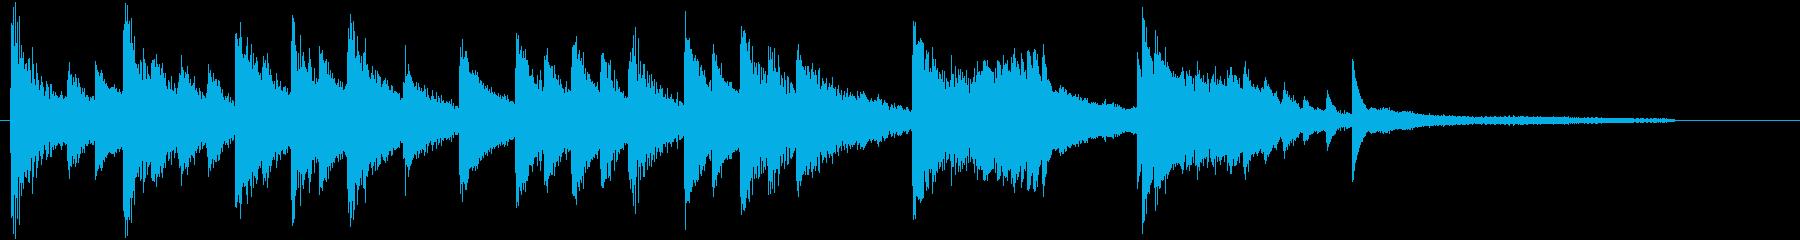 童謡・虫のこえモチーフのピアノジングルBの再生済みの波形